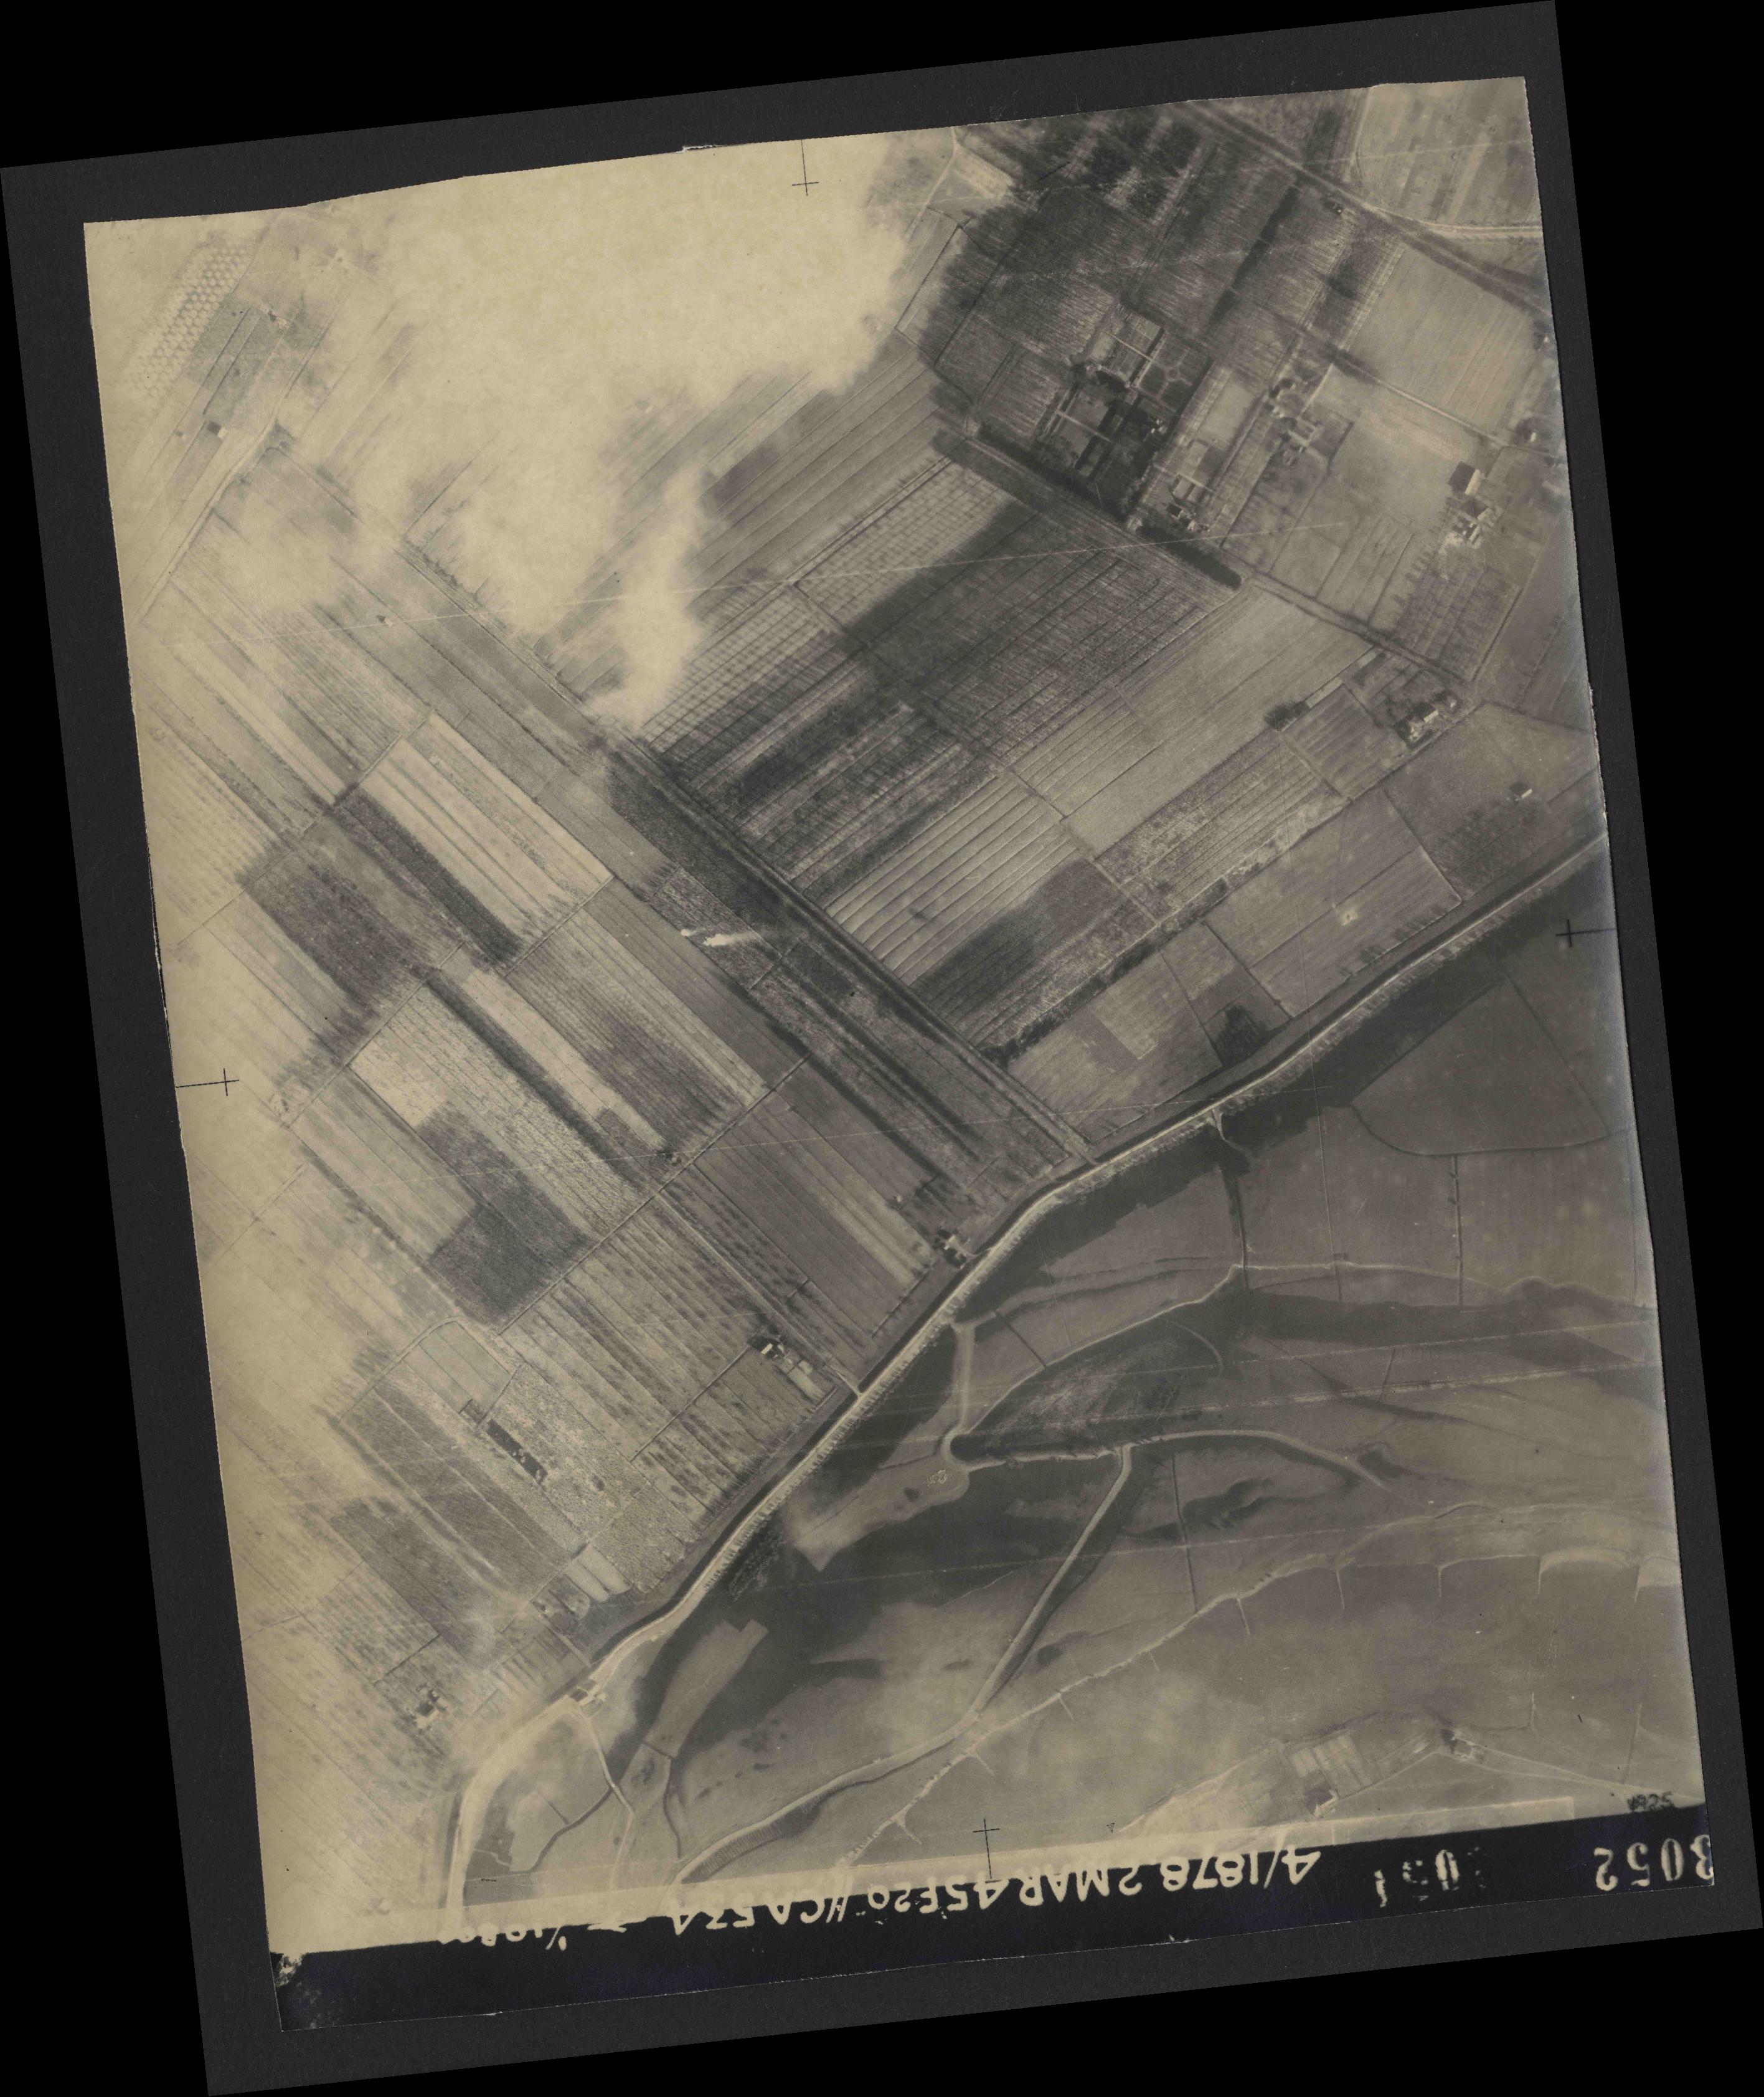 Collection RAF aerial photos 1940-1945 - flight 102, run 10, photo 3052